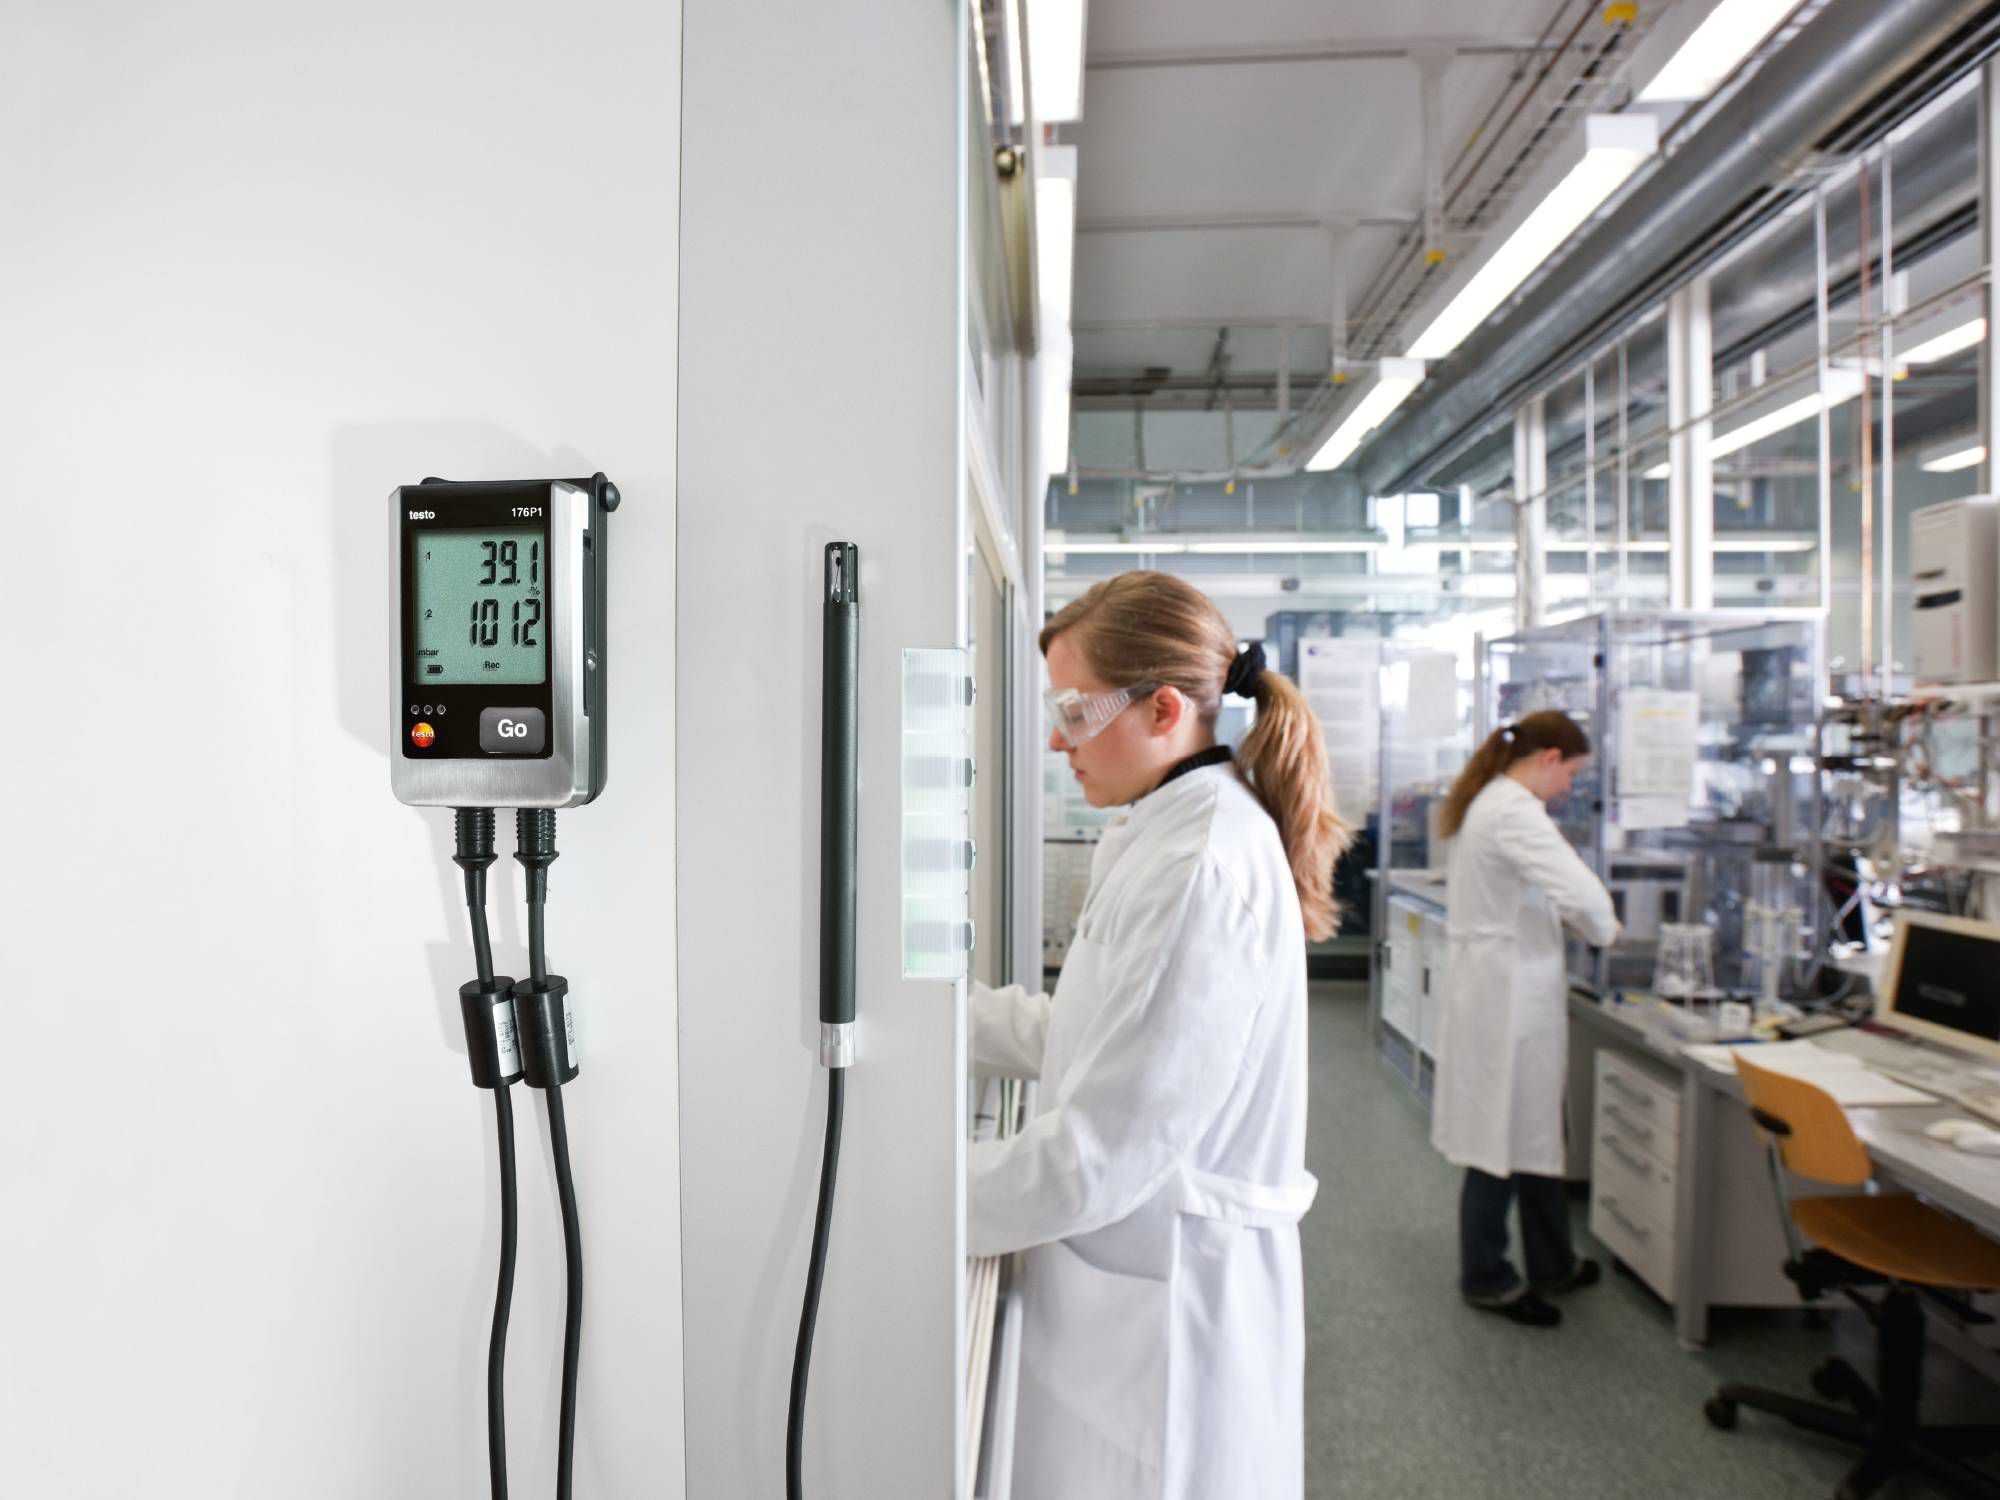 Monitoraggio della pressione e dell'umidità durante la produzione